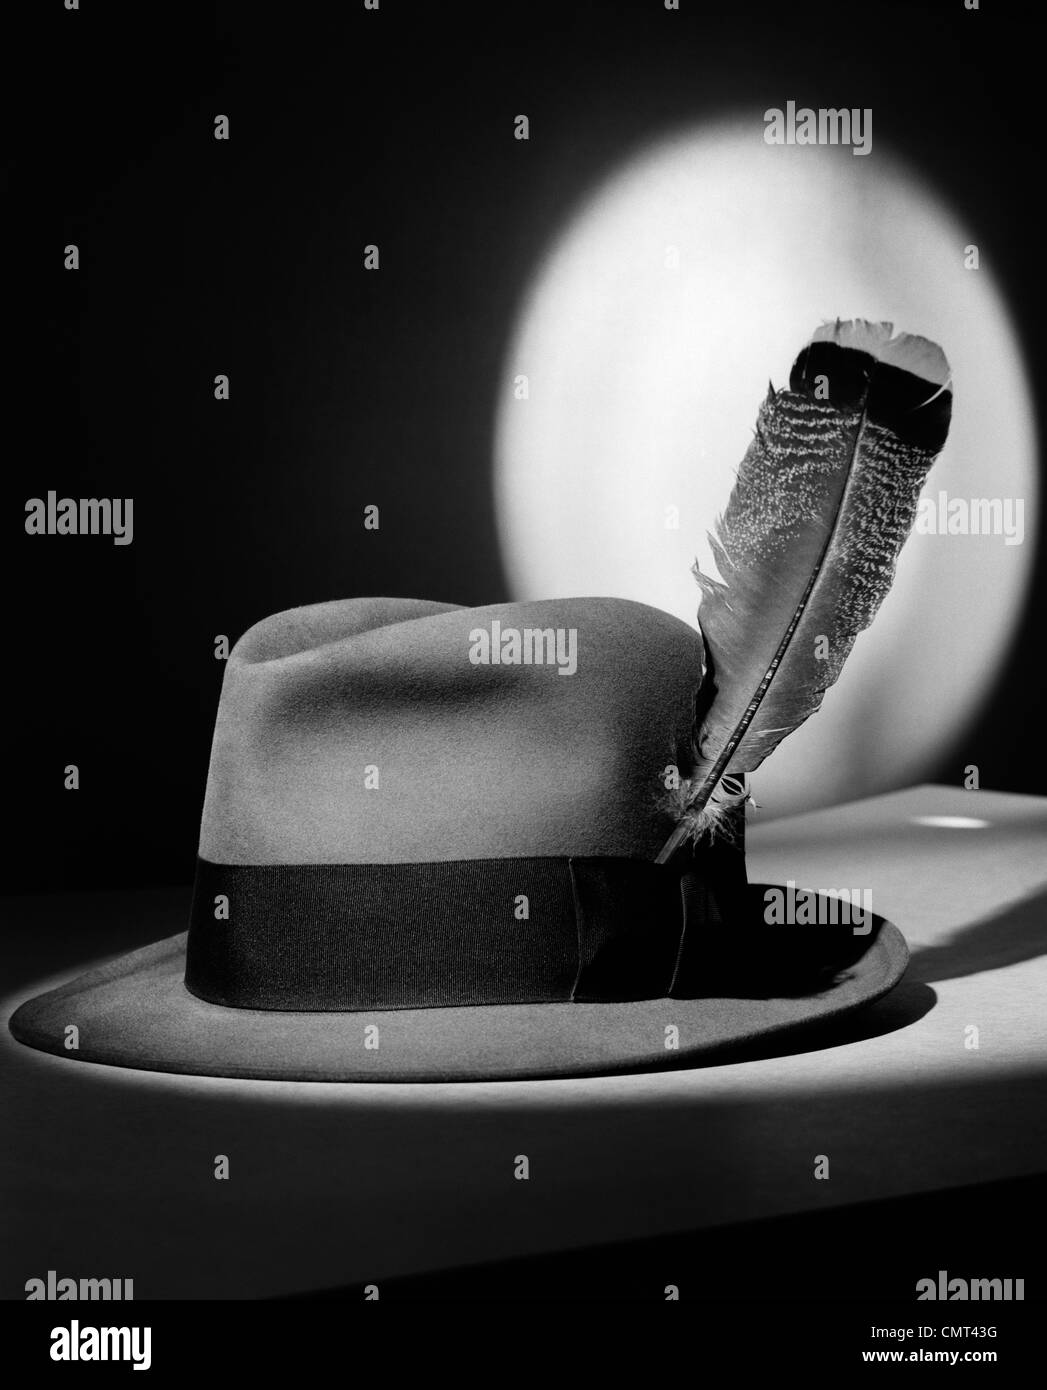 1940ER JAHRE FILZHUT MIT FEDER IN BAND IN SPOTLIGHT SYMBOLISCHE FEDER IN DER KAPPE Stockbild